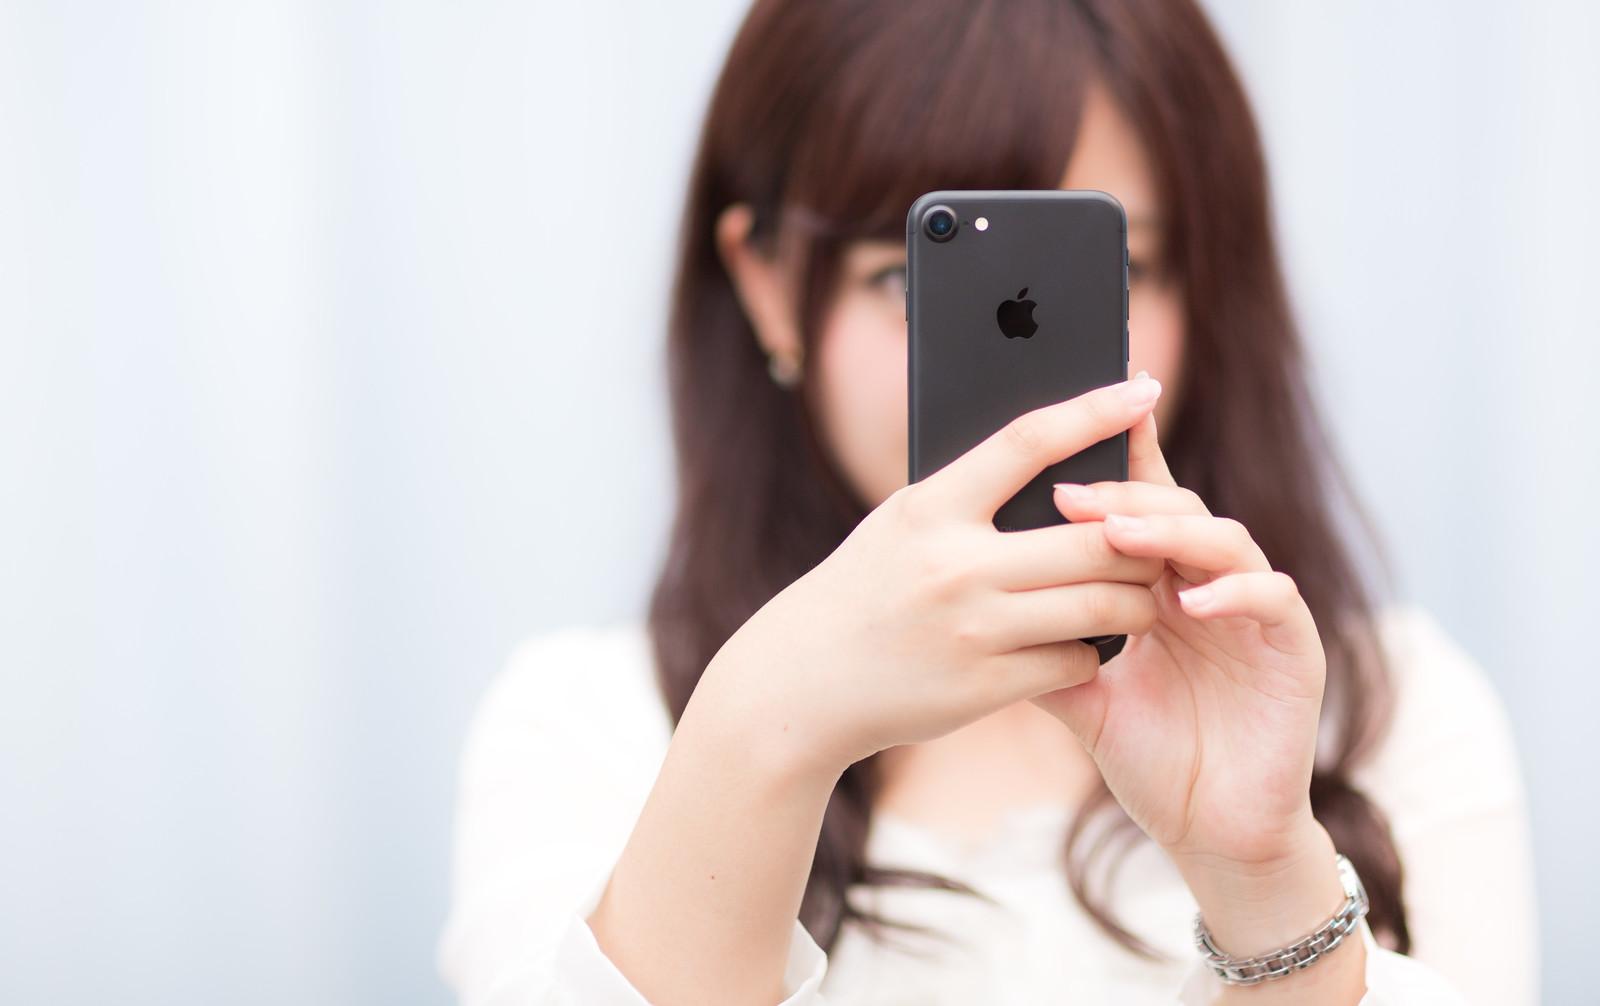 iPhone 7の格安SIMを入れて必要な設定をする女性